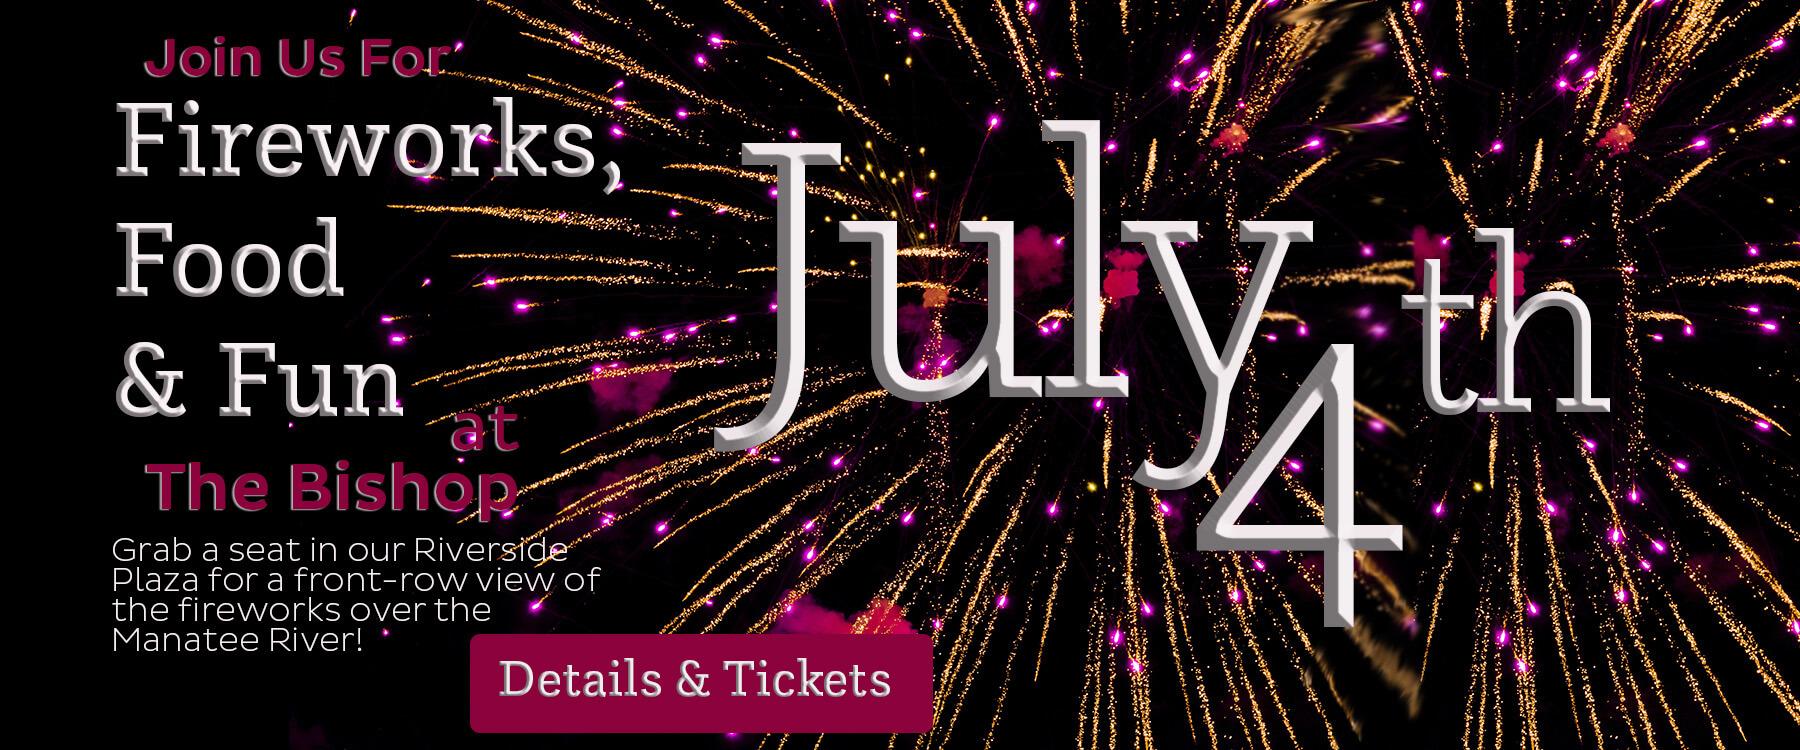 Fireworks, Food & Fun